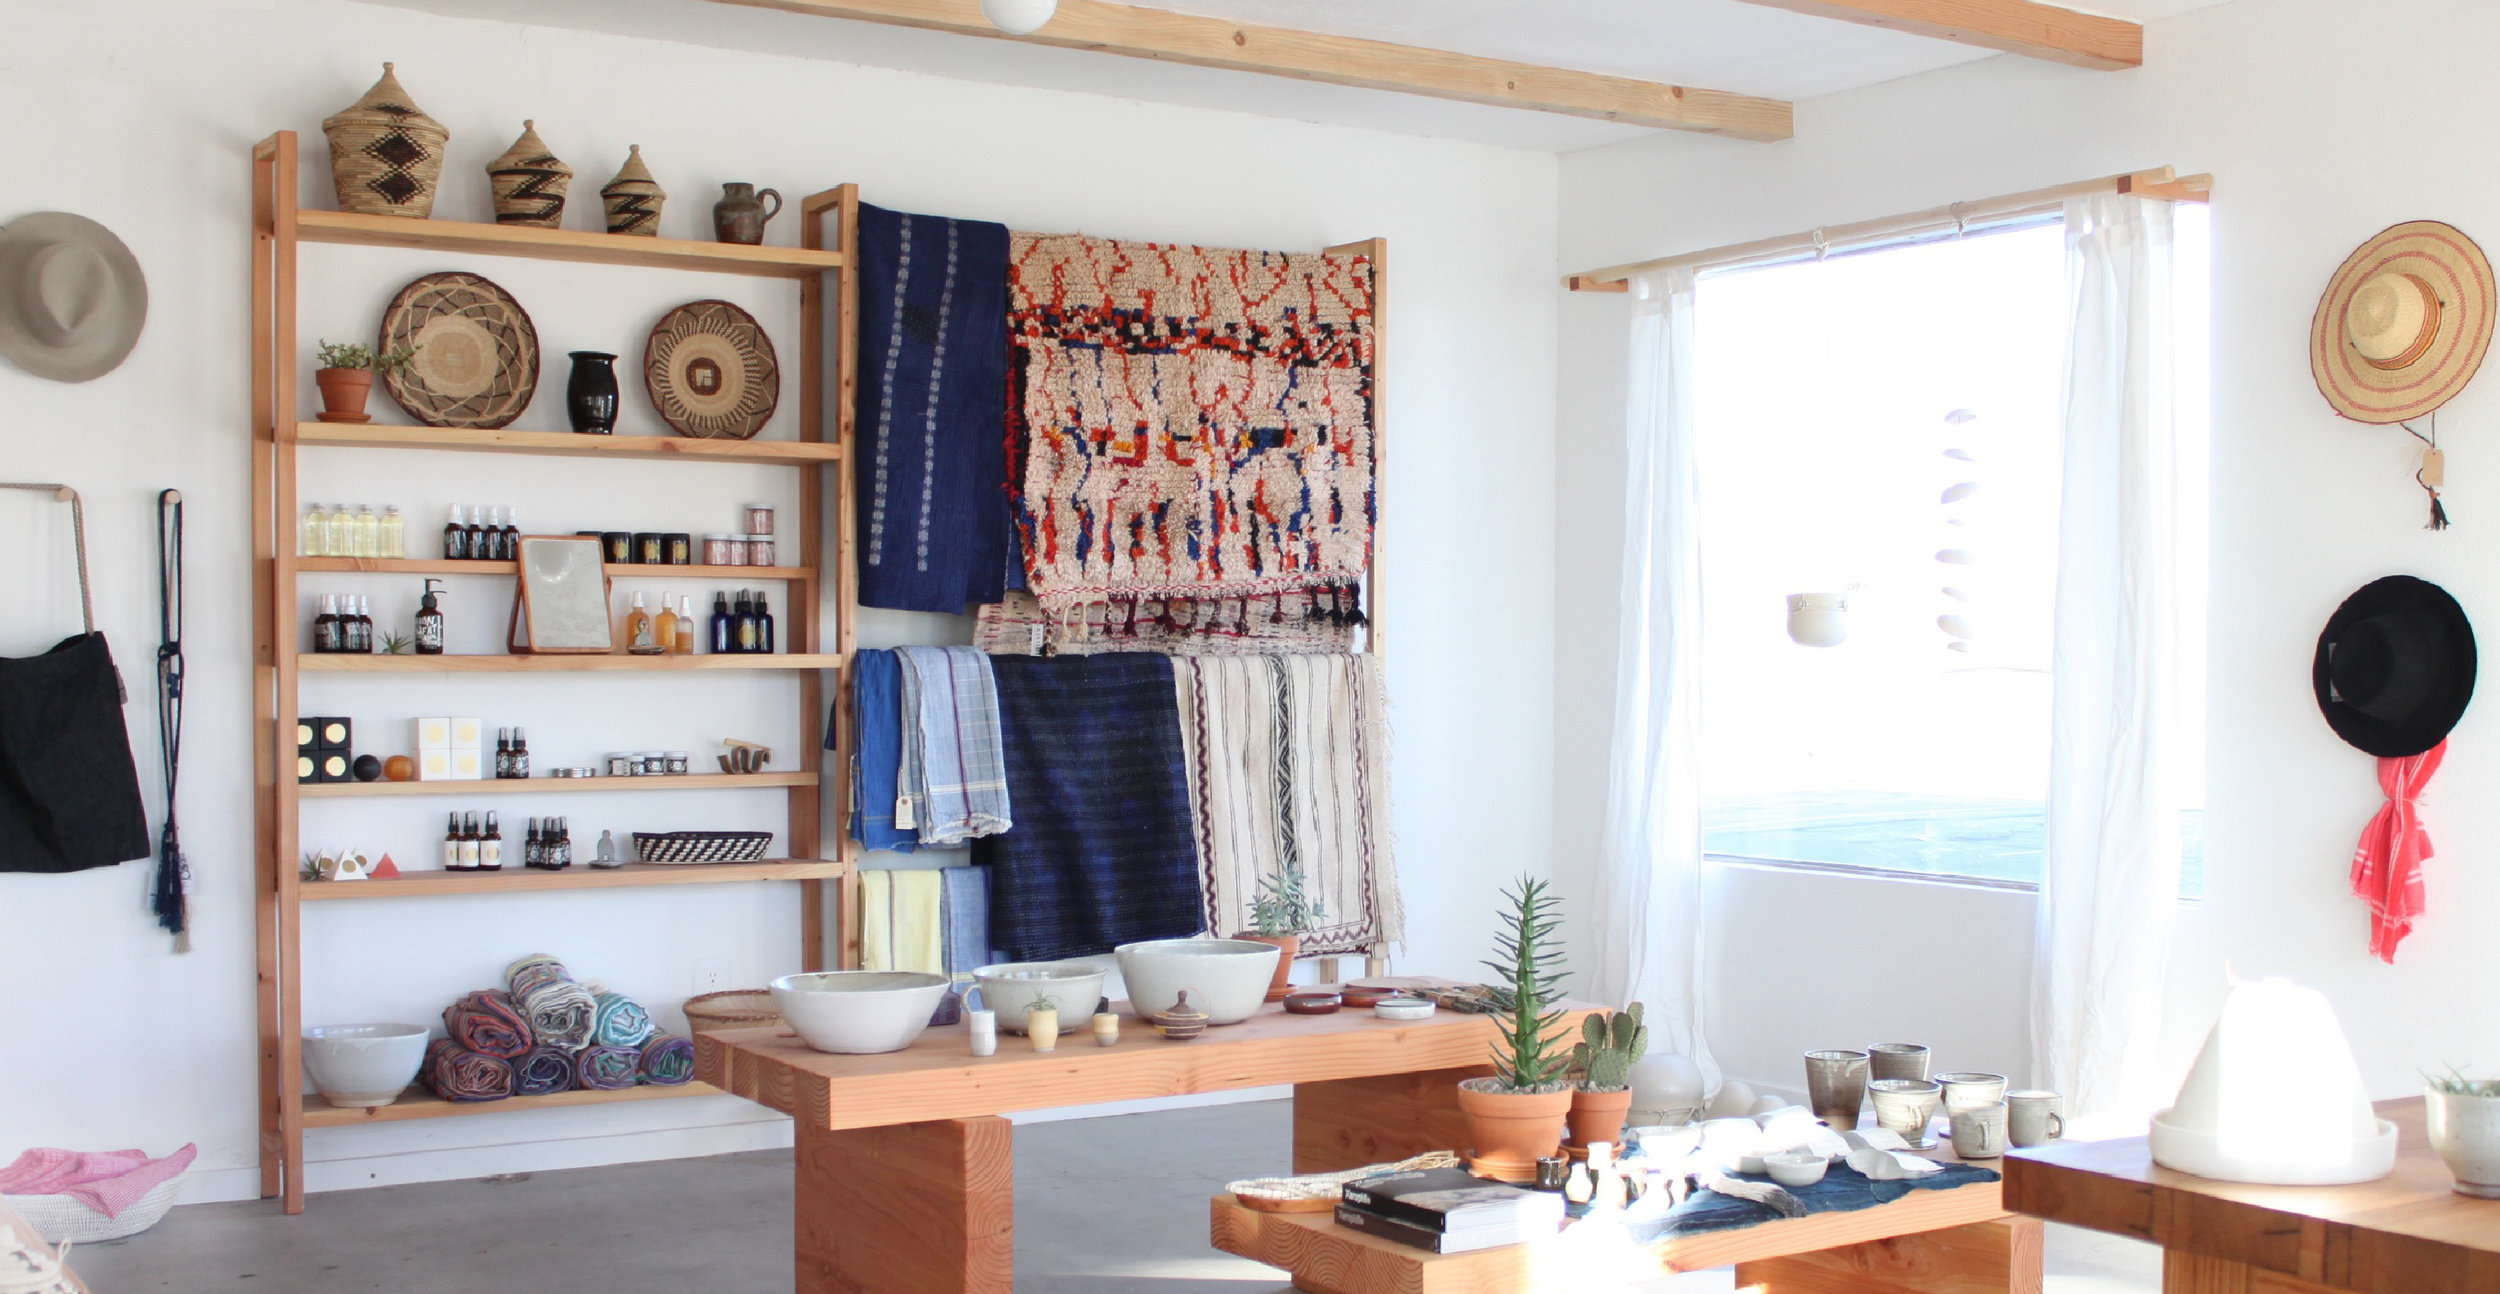 store_banner_b.jpg